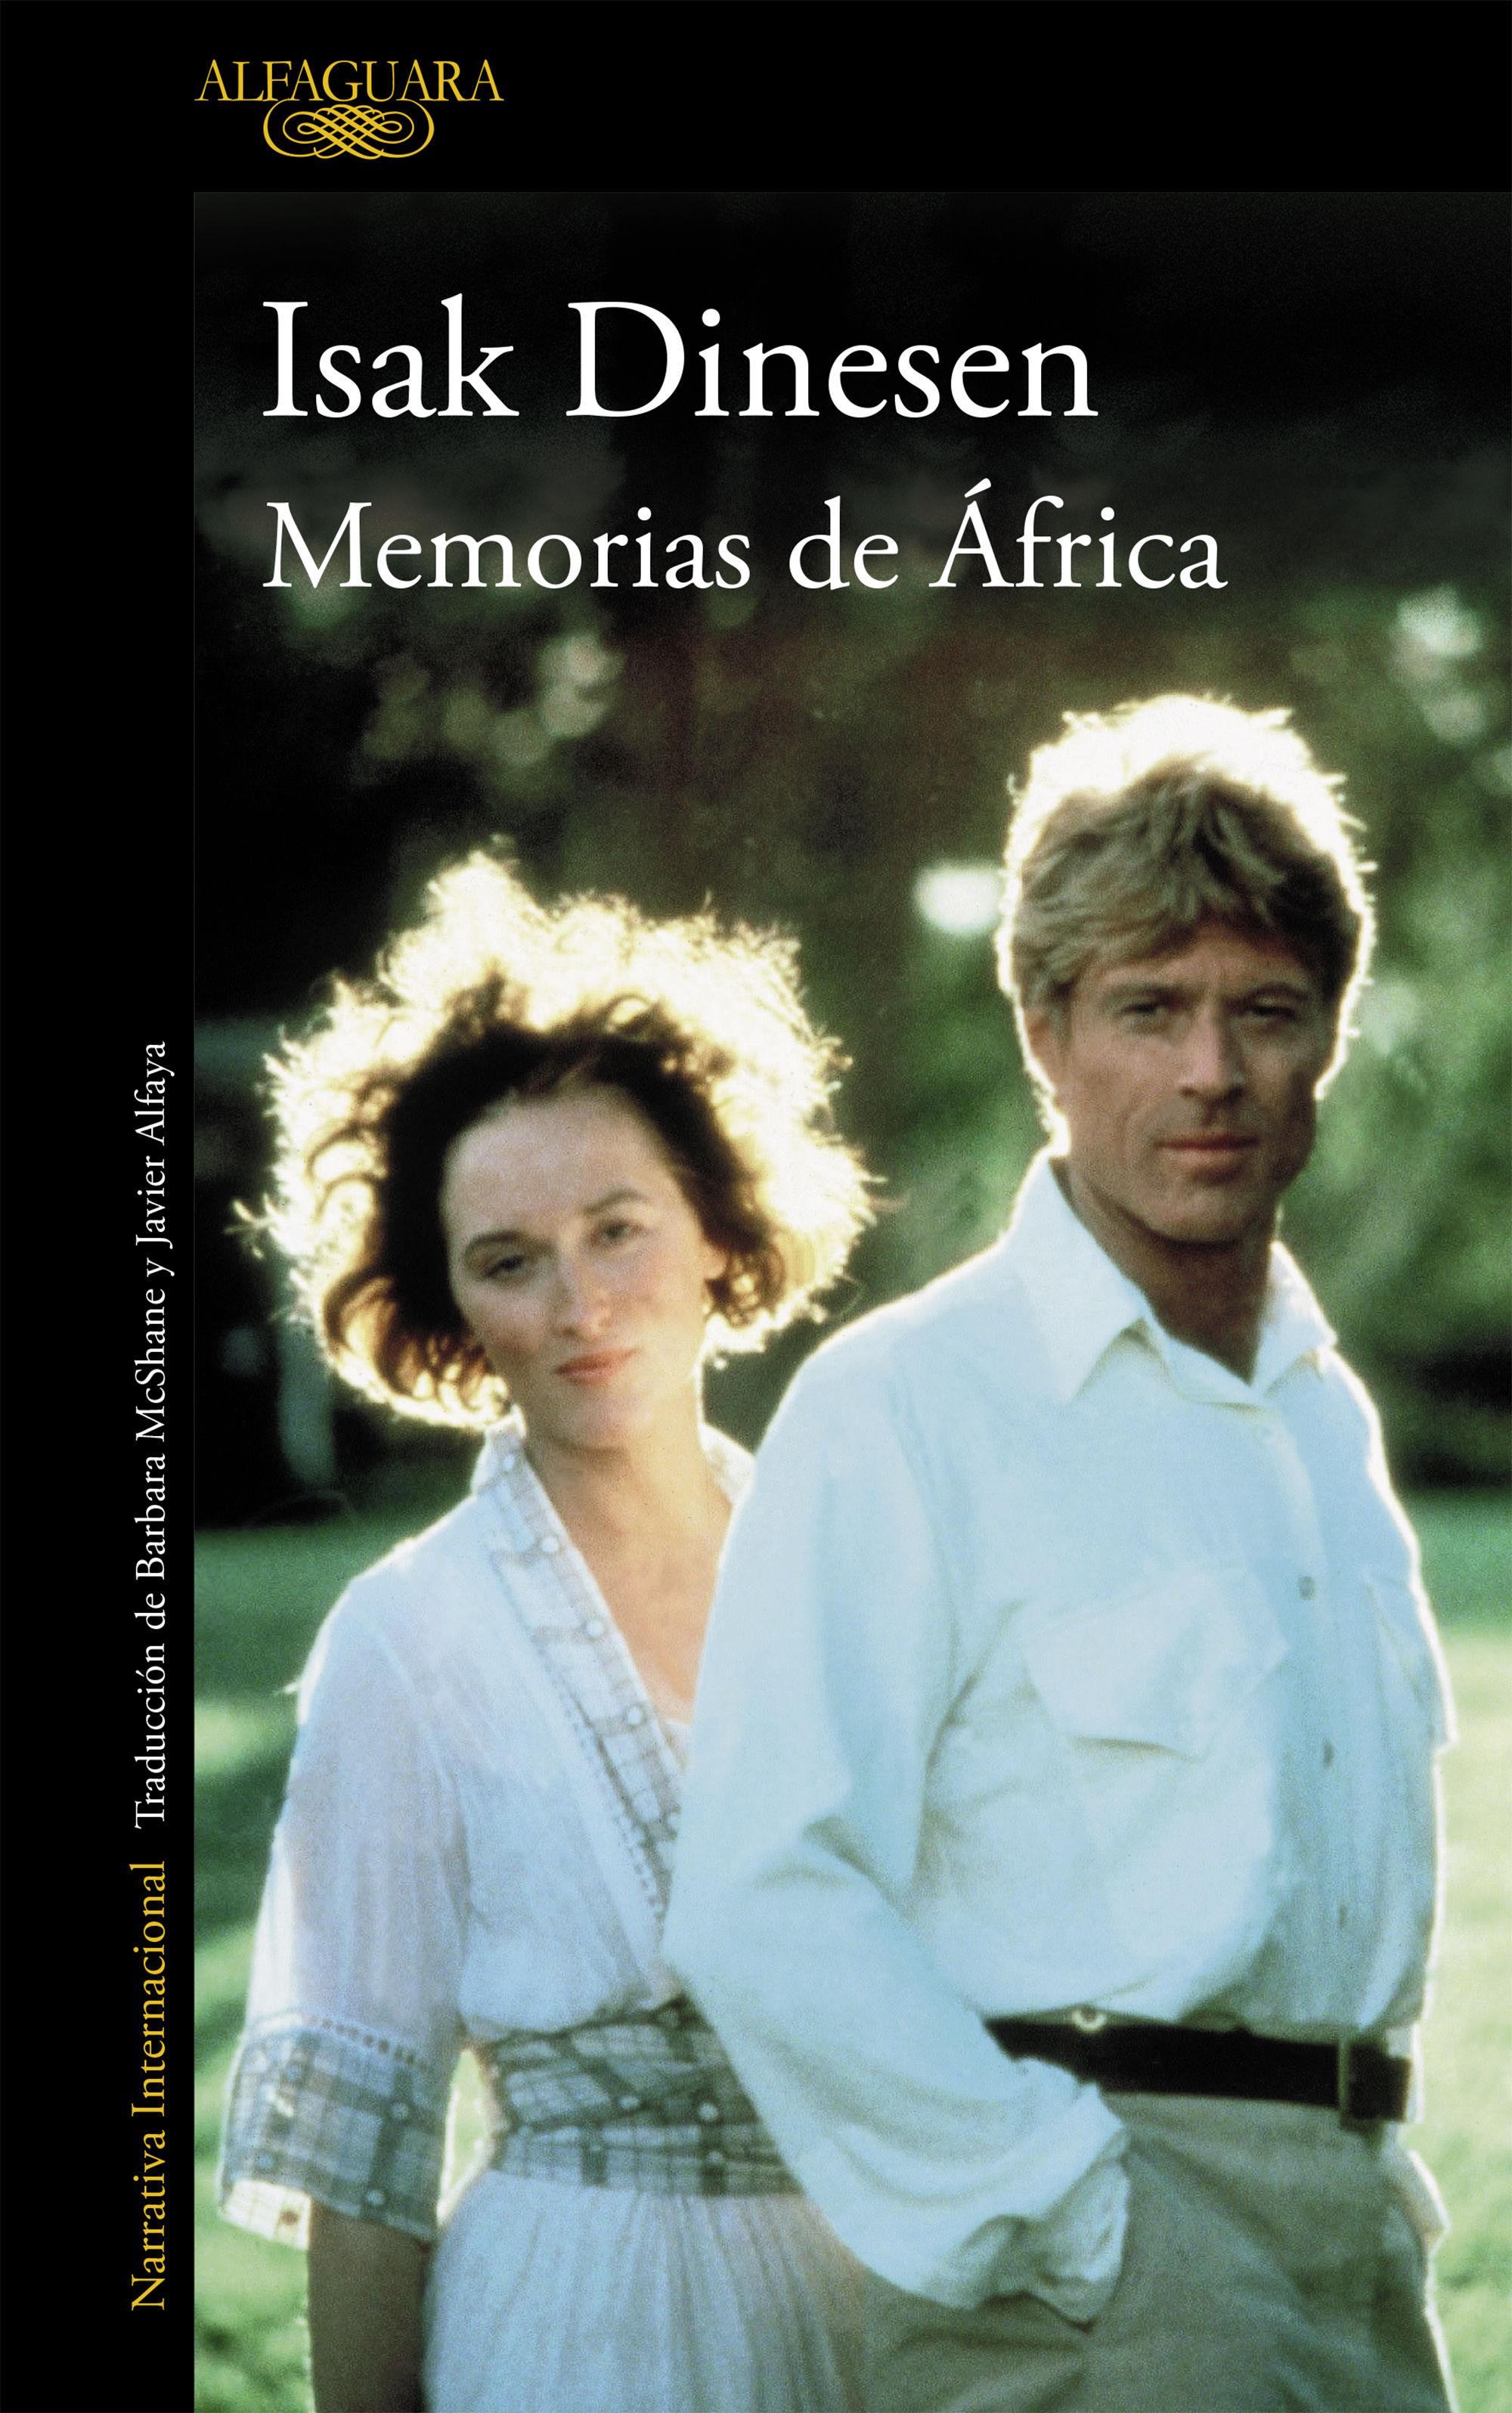 MEMORIAS DE AFRICA